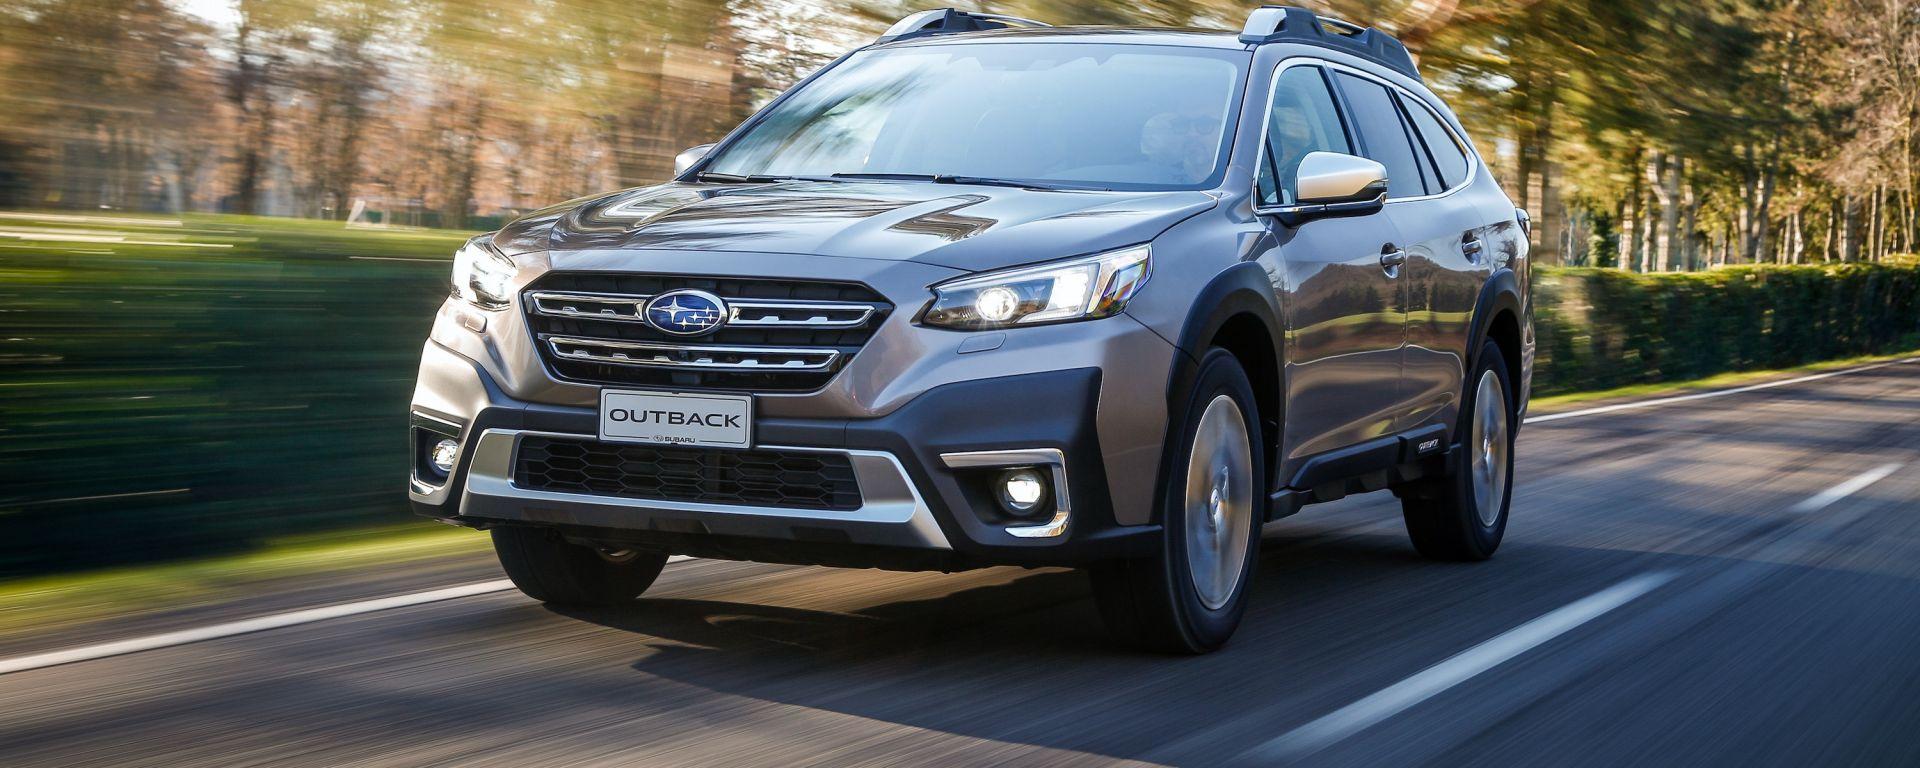 Subaru Outback 2021: cresce in dimensioni